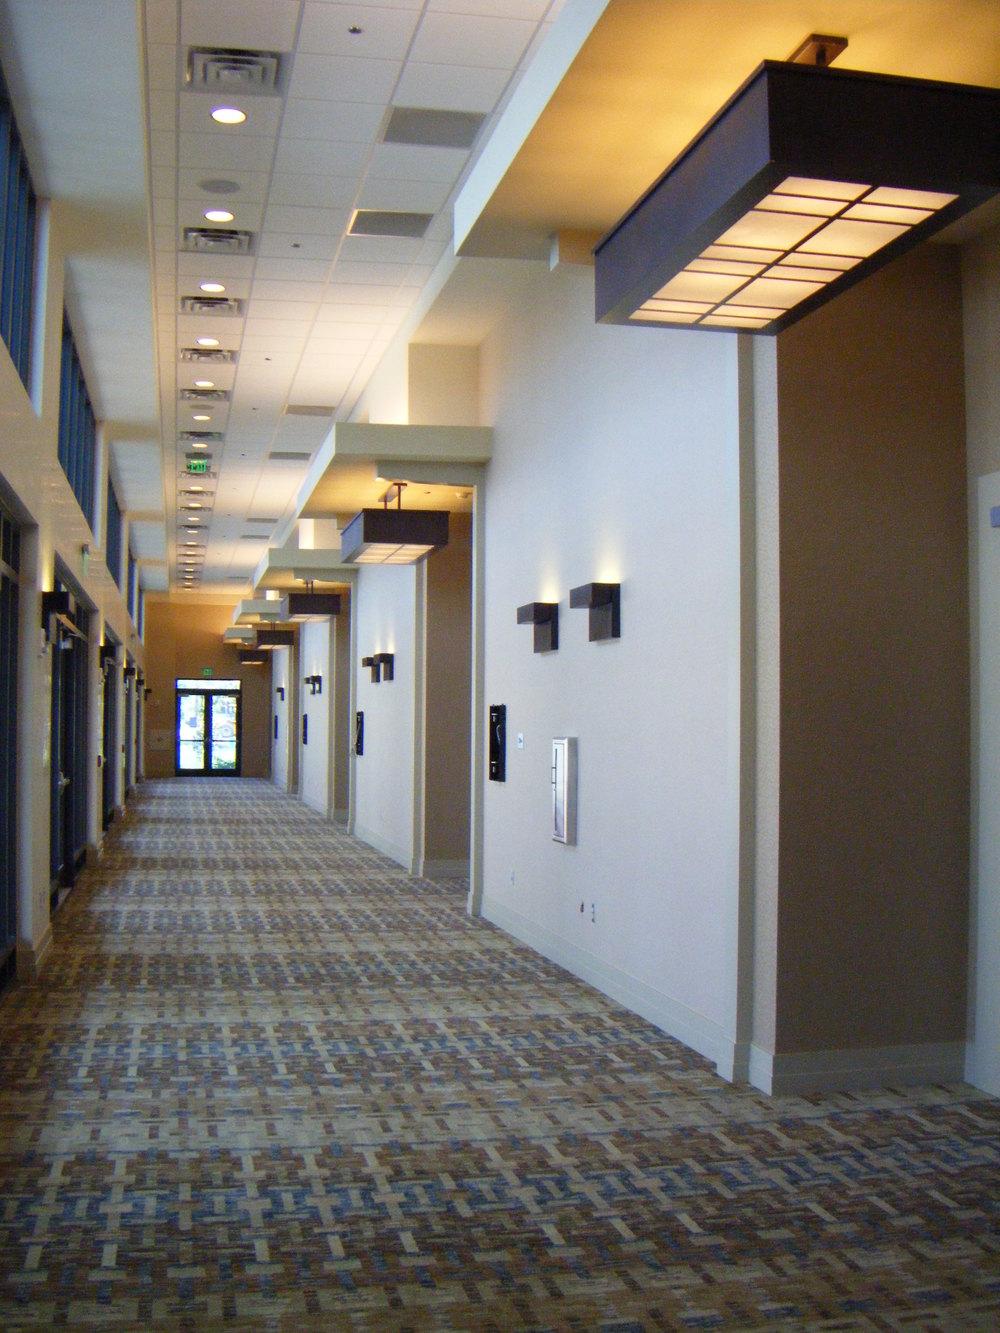 embassy suites2.jpg